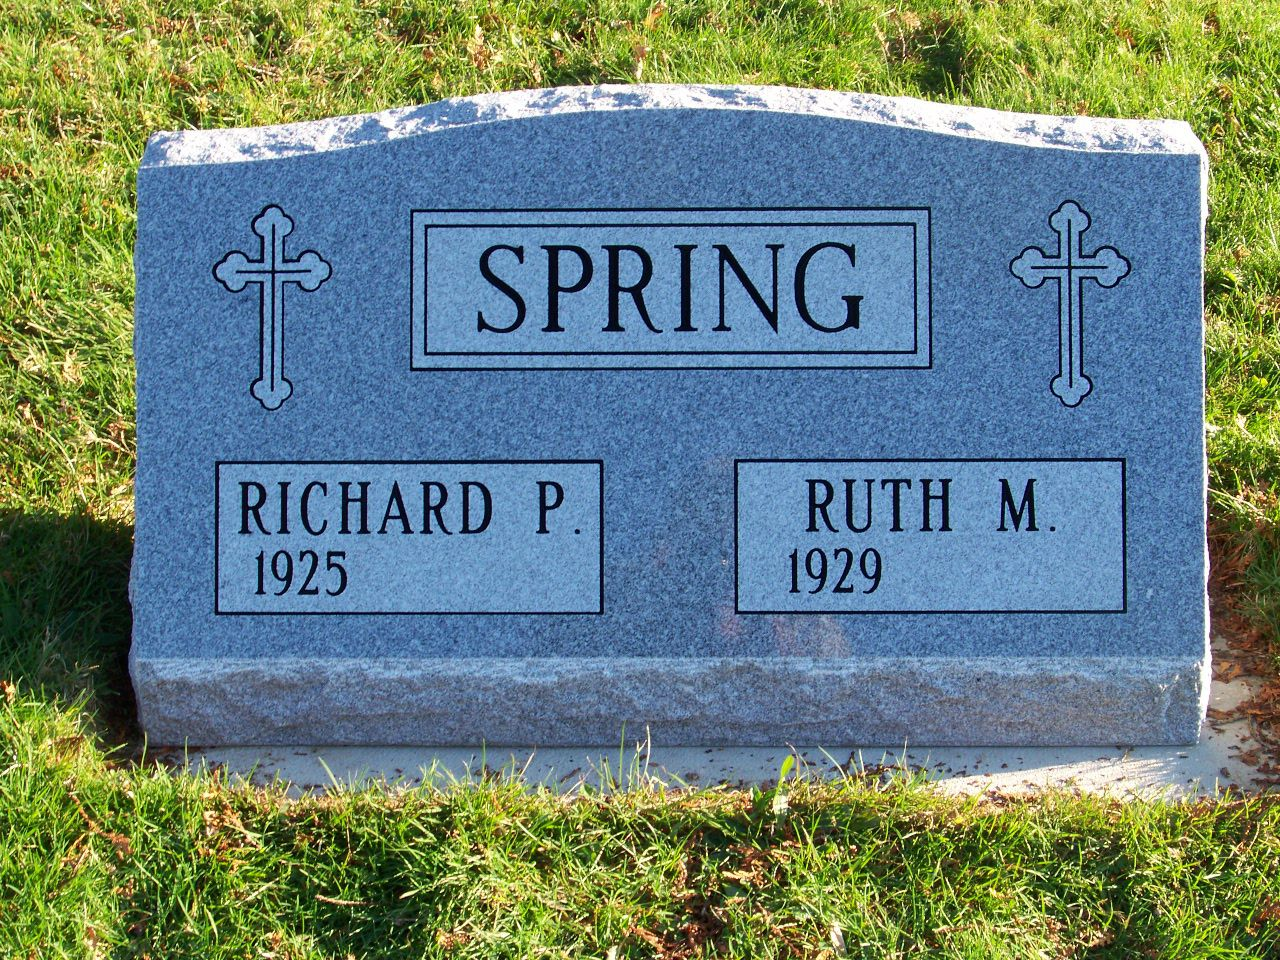 Spring, Richard